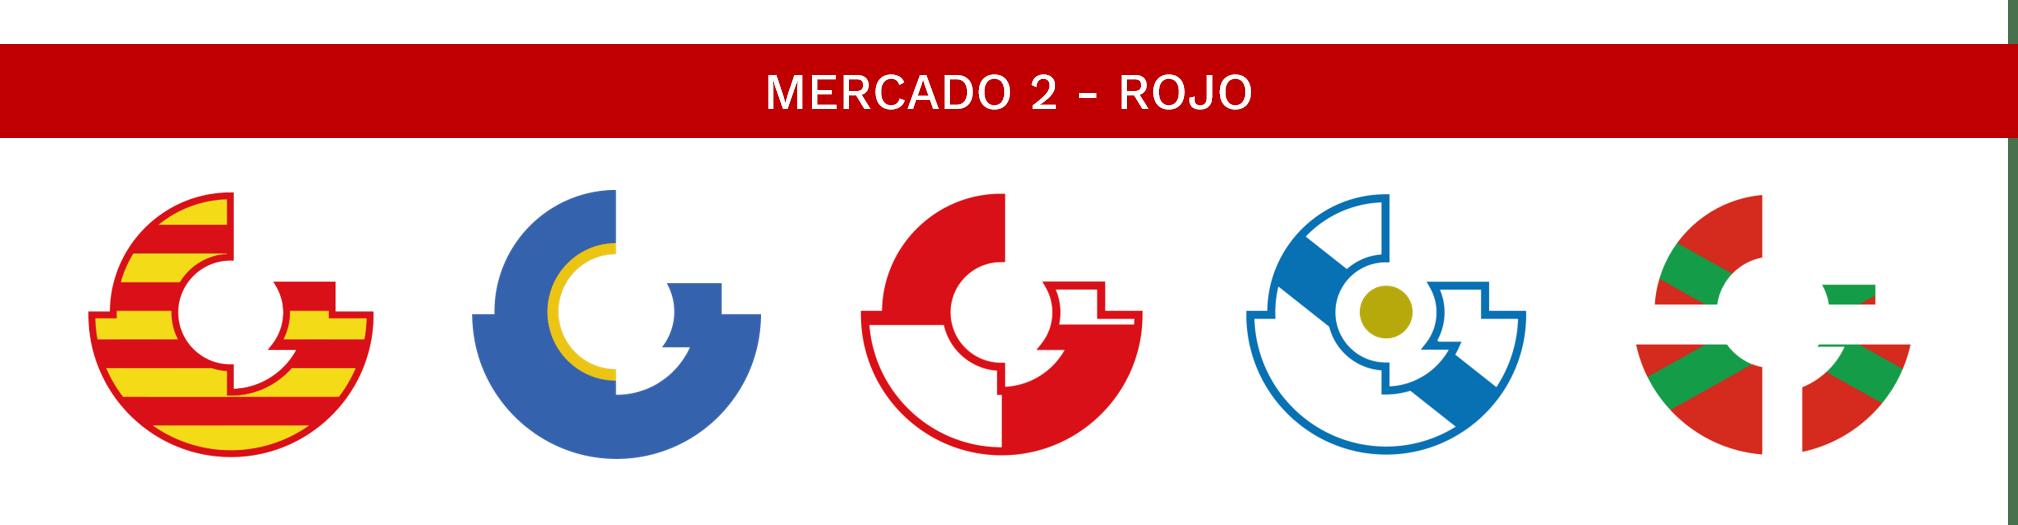 mercado-2-azul-final-nacional-2021